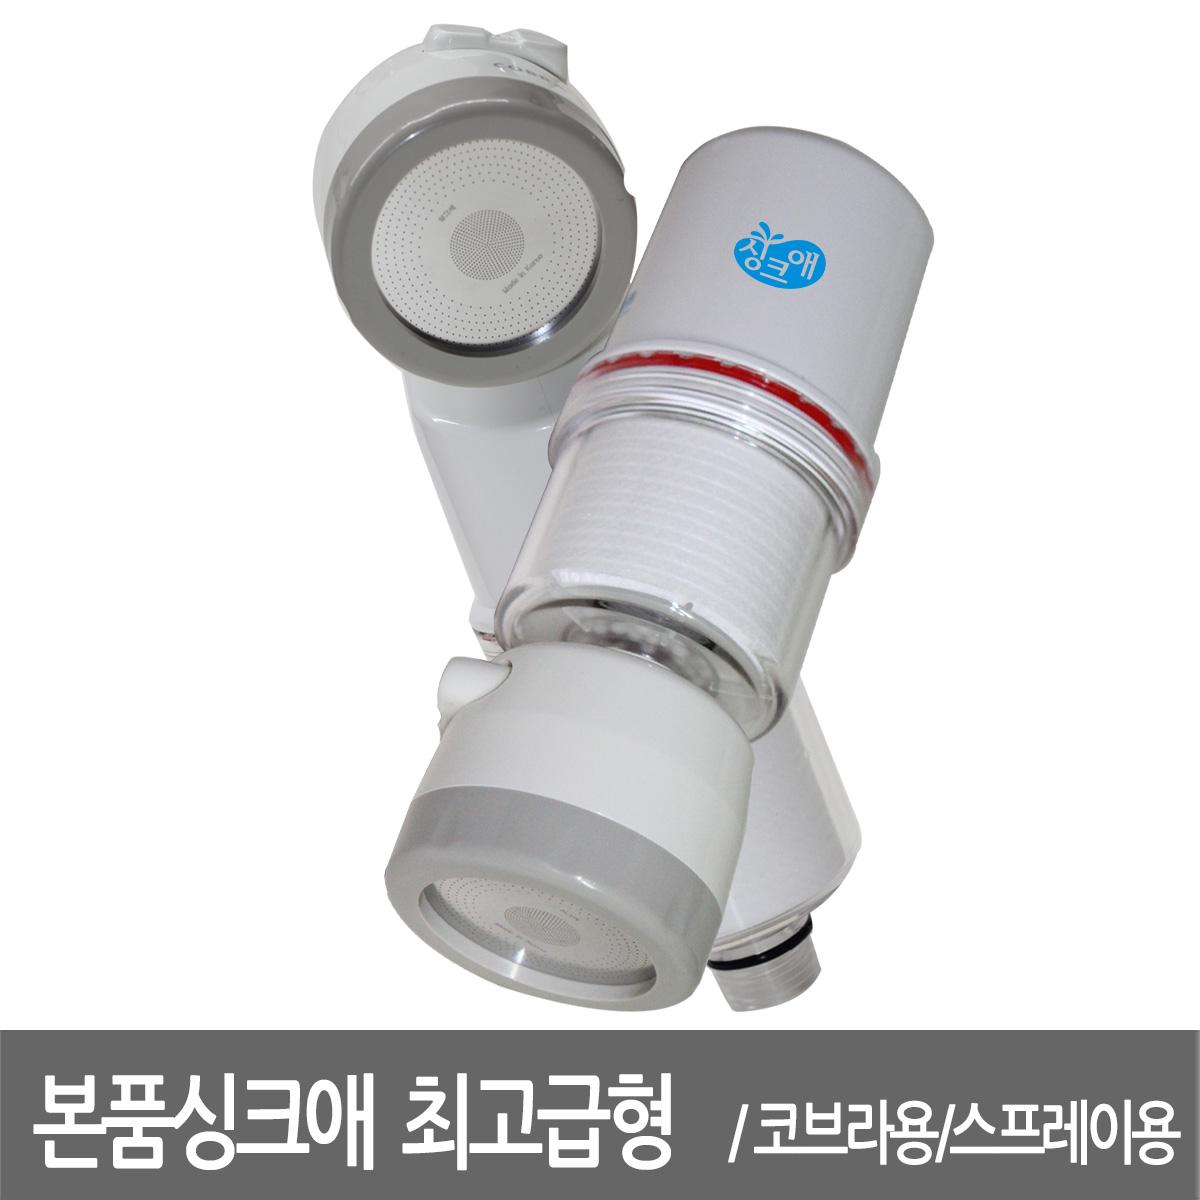 [듀벨]본품 싱크애 최고급(ACF)필터 간편정수필터 녹물제거 염소제거 주방용